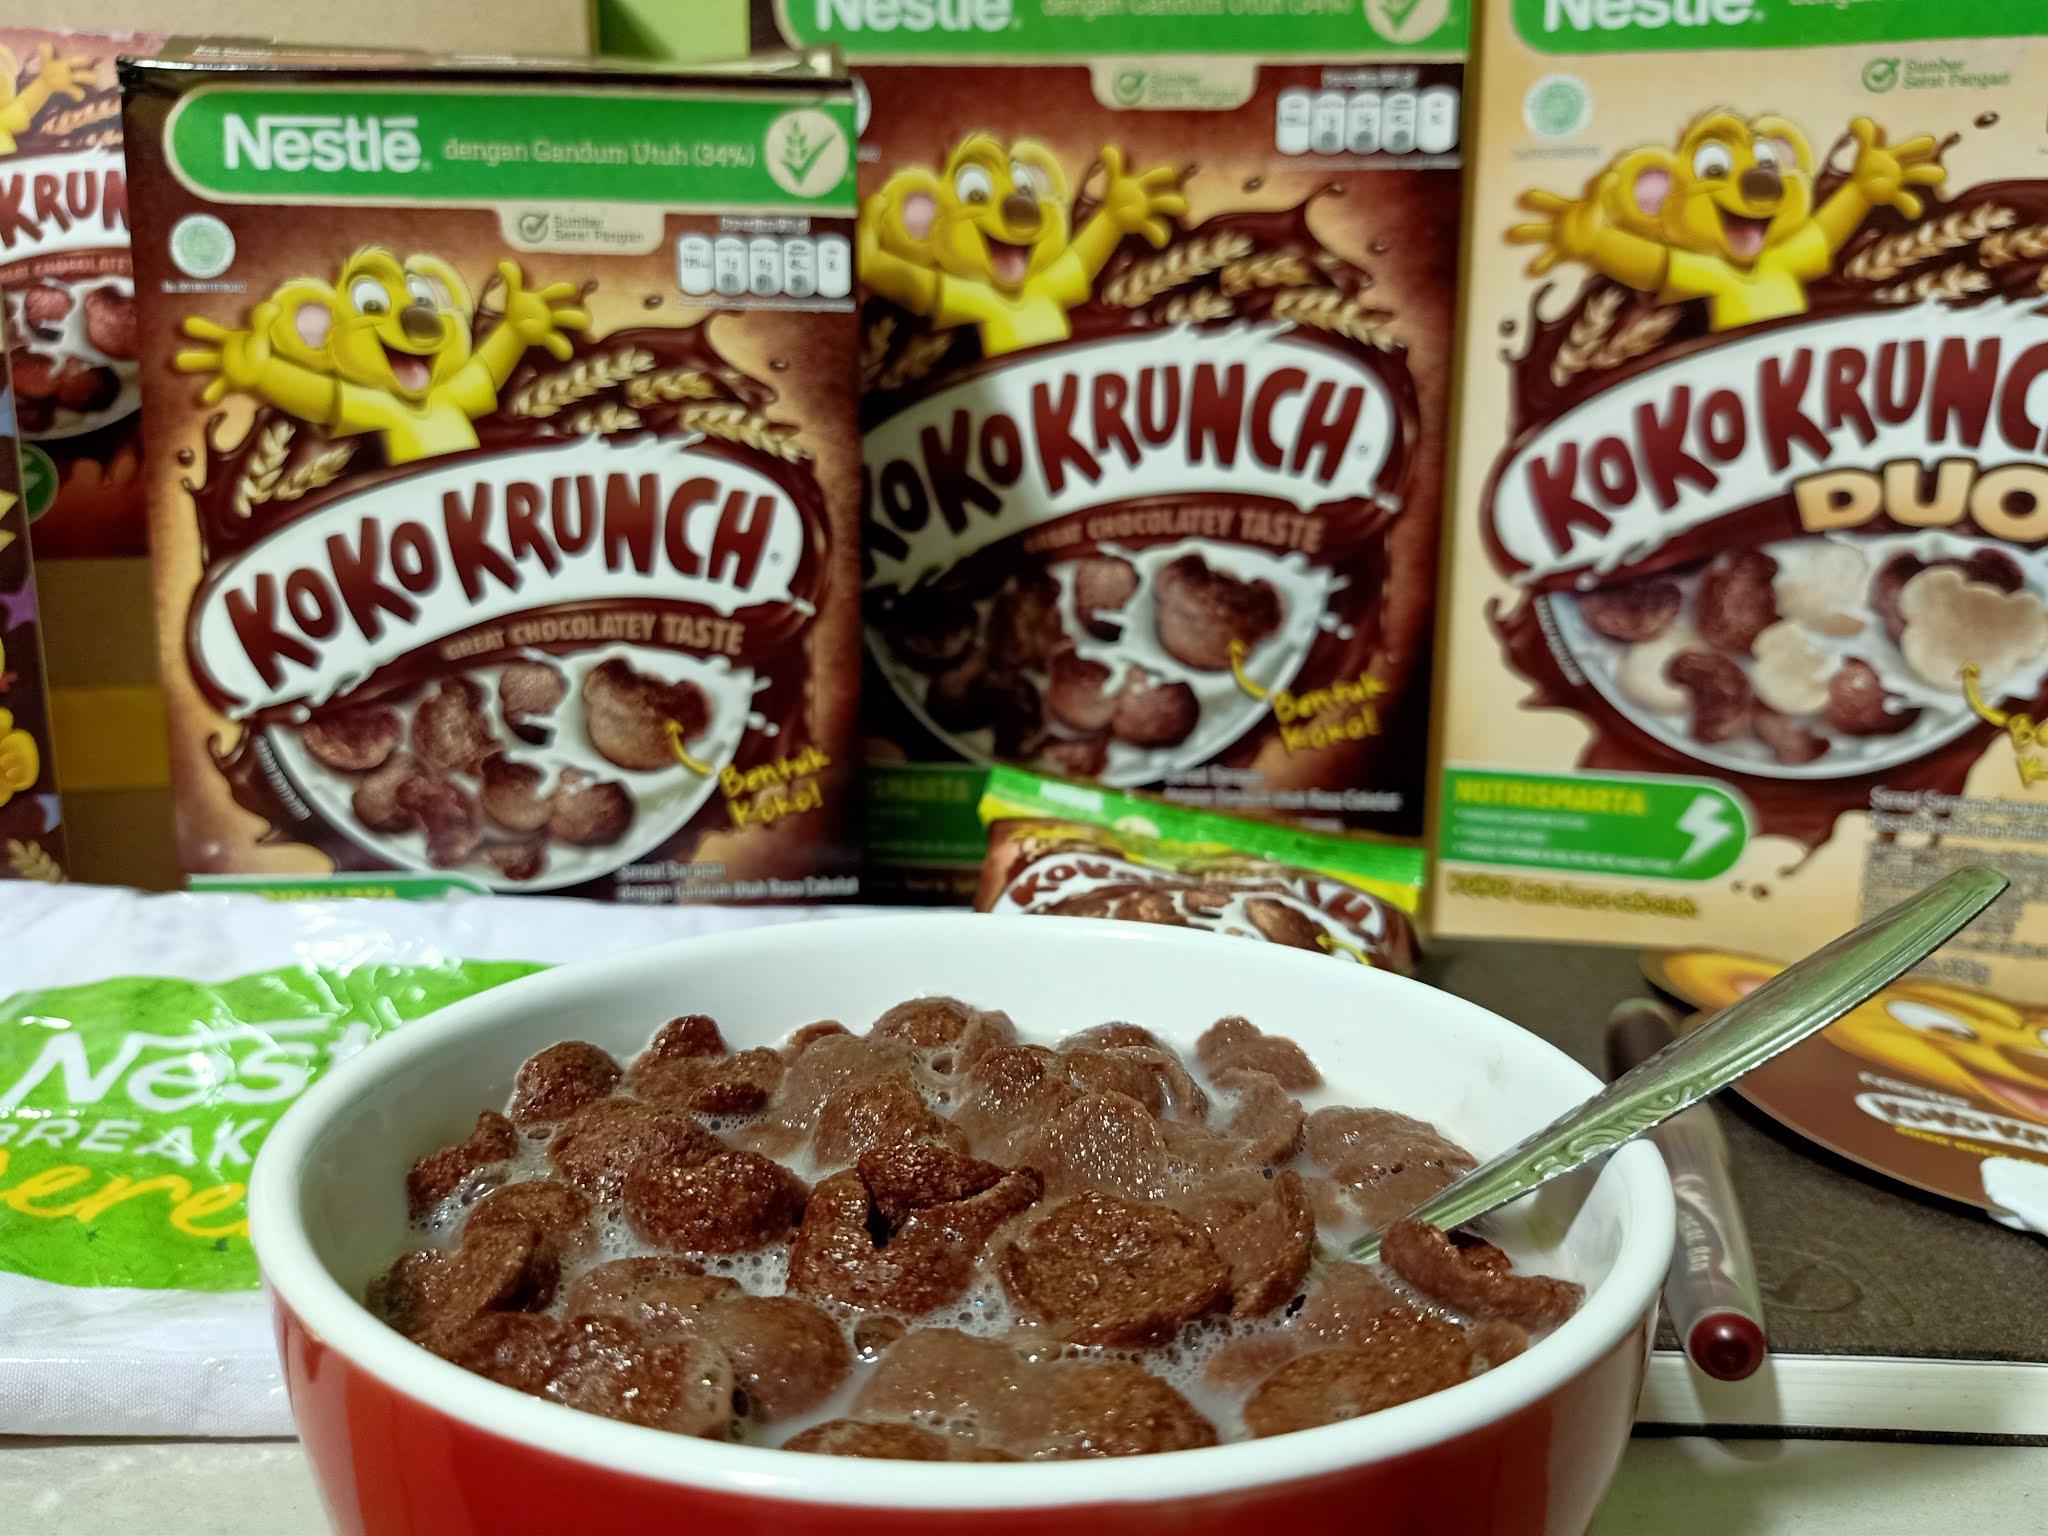 Sarapan sehat dan bernutrisi dengan Koko Krunch